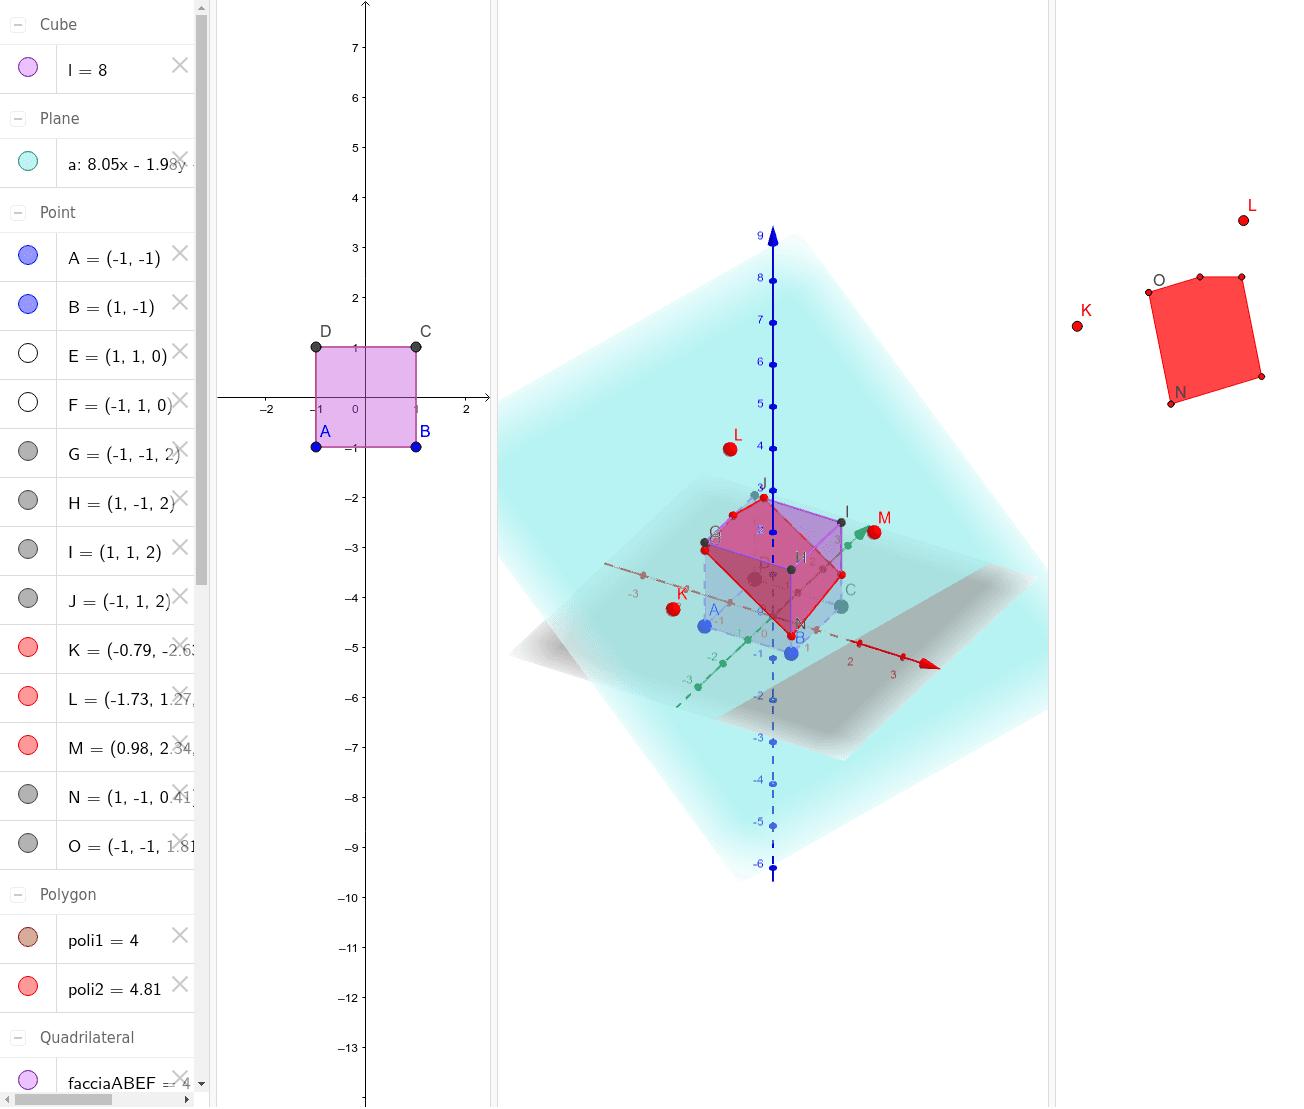 Esplorazione delle sezioni di un cubo con un generico piano (dato con tre punti) Premi Invio per avviare l'attività